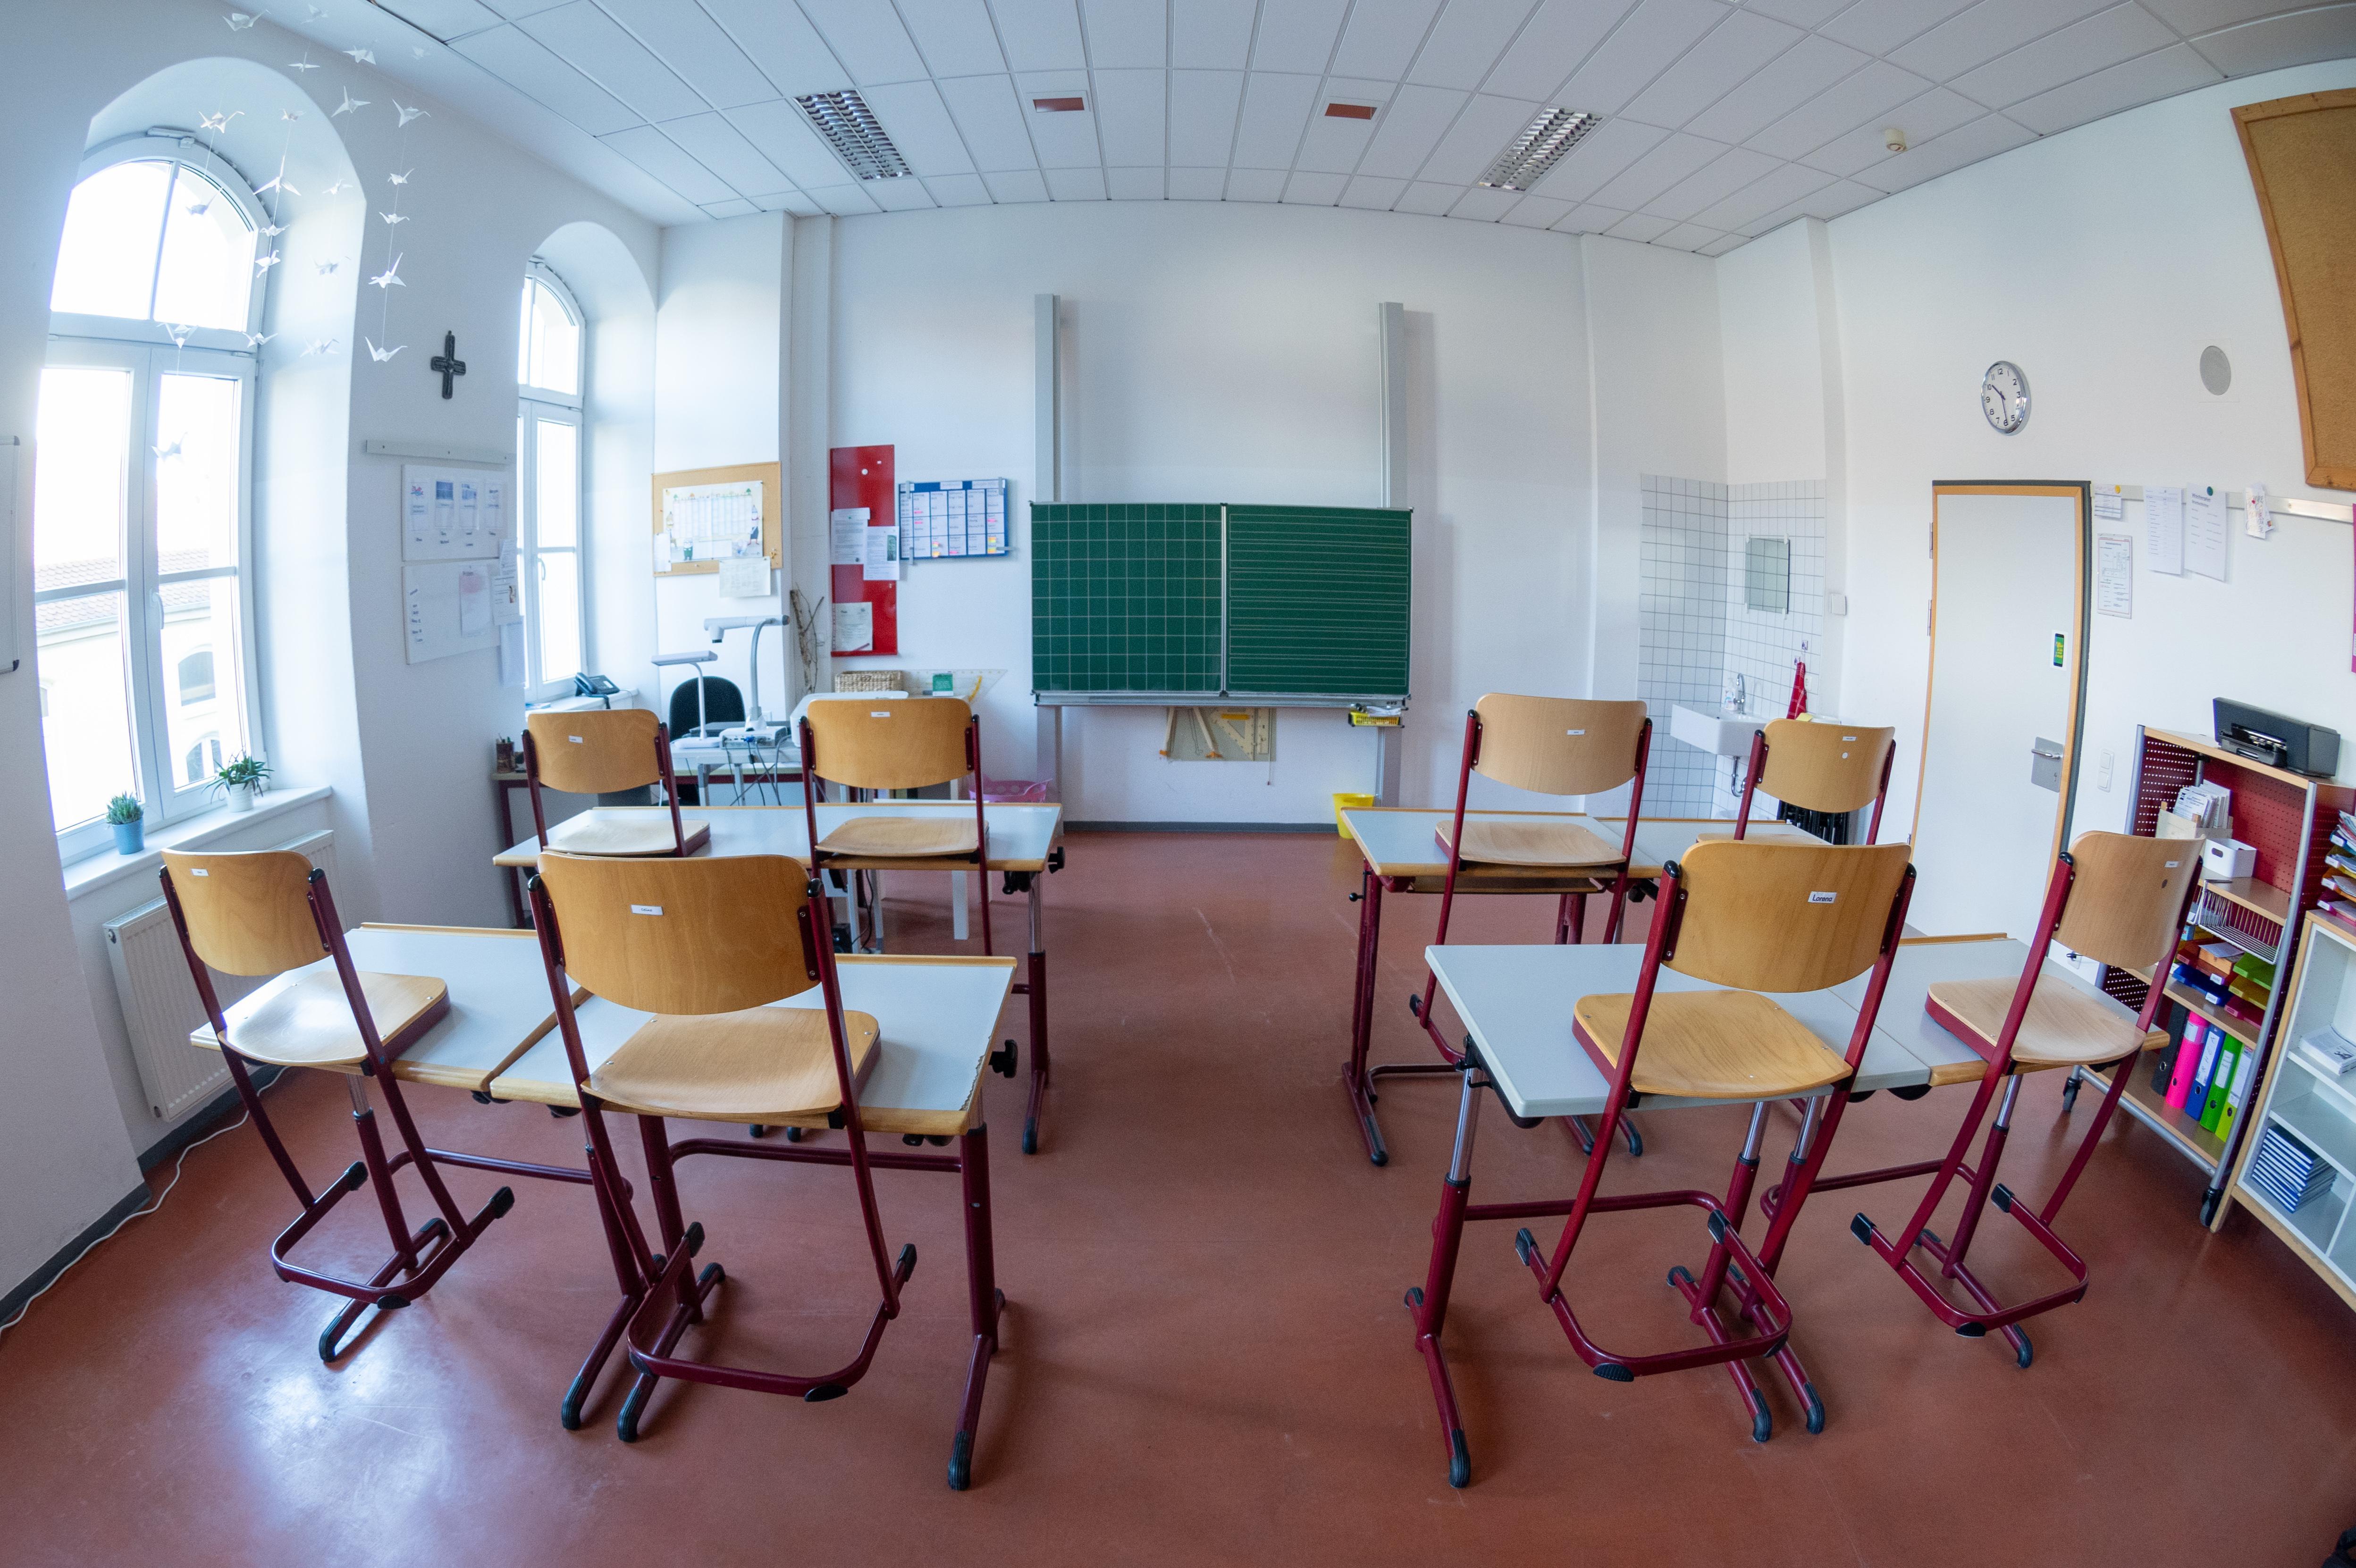 Ein leeres Klassenzimmer in der Papst Benedikt Schule in Straubing.